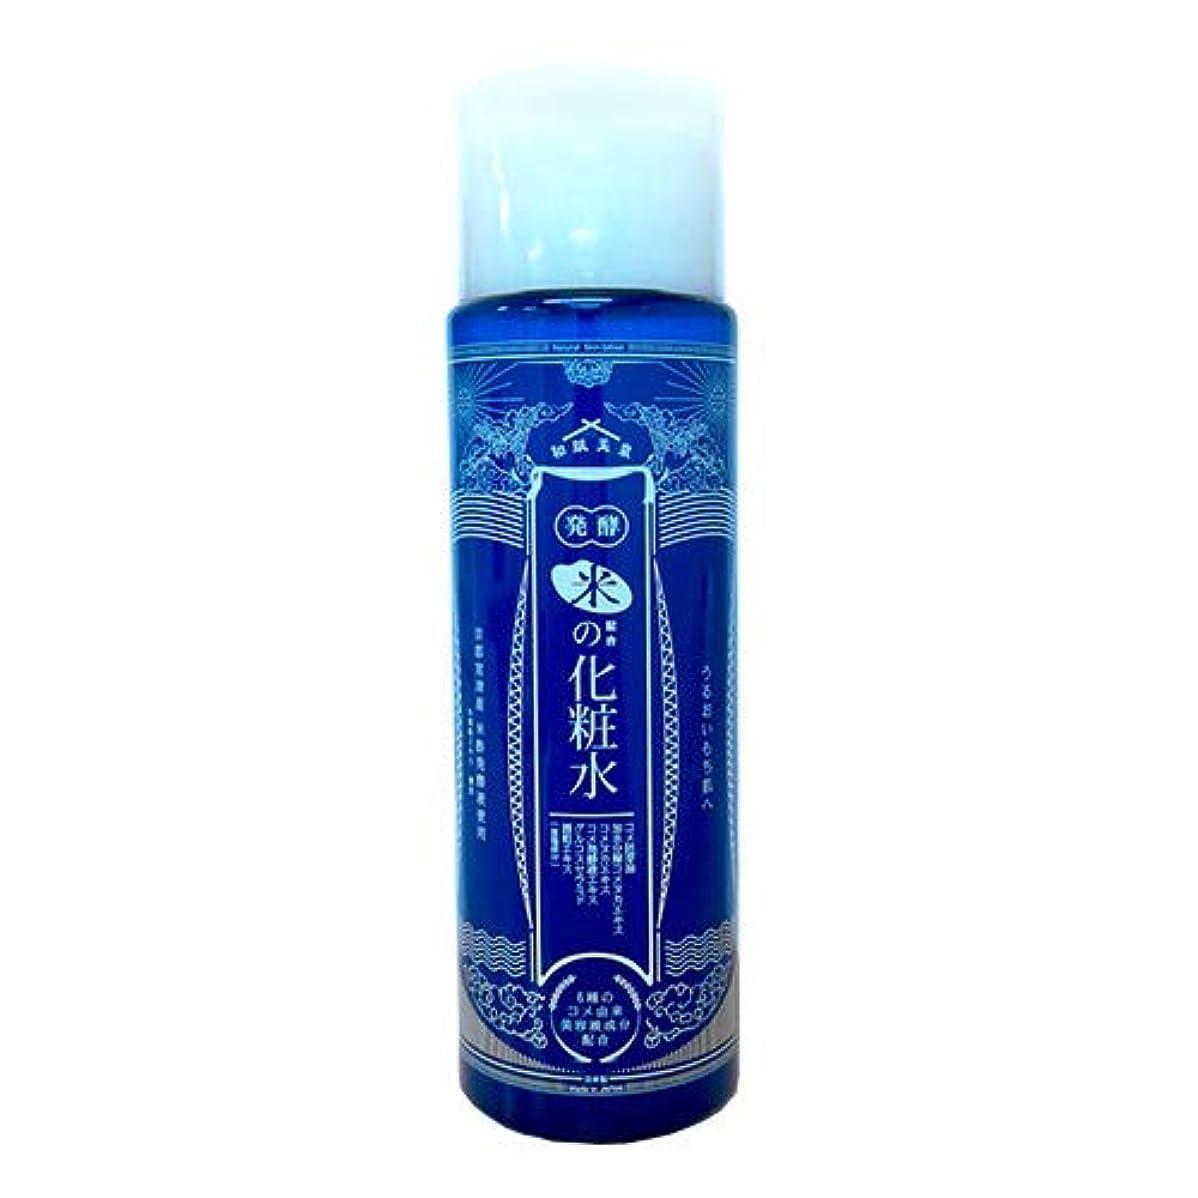 クラシックスタッフ太字和肌美泉 発酵•米配合の化粧水 180ml